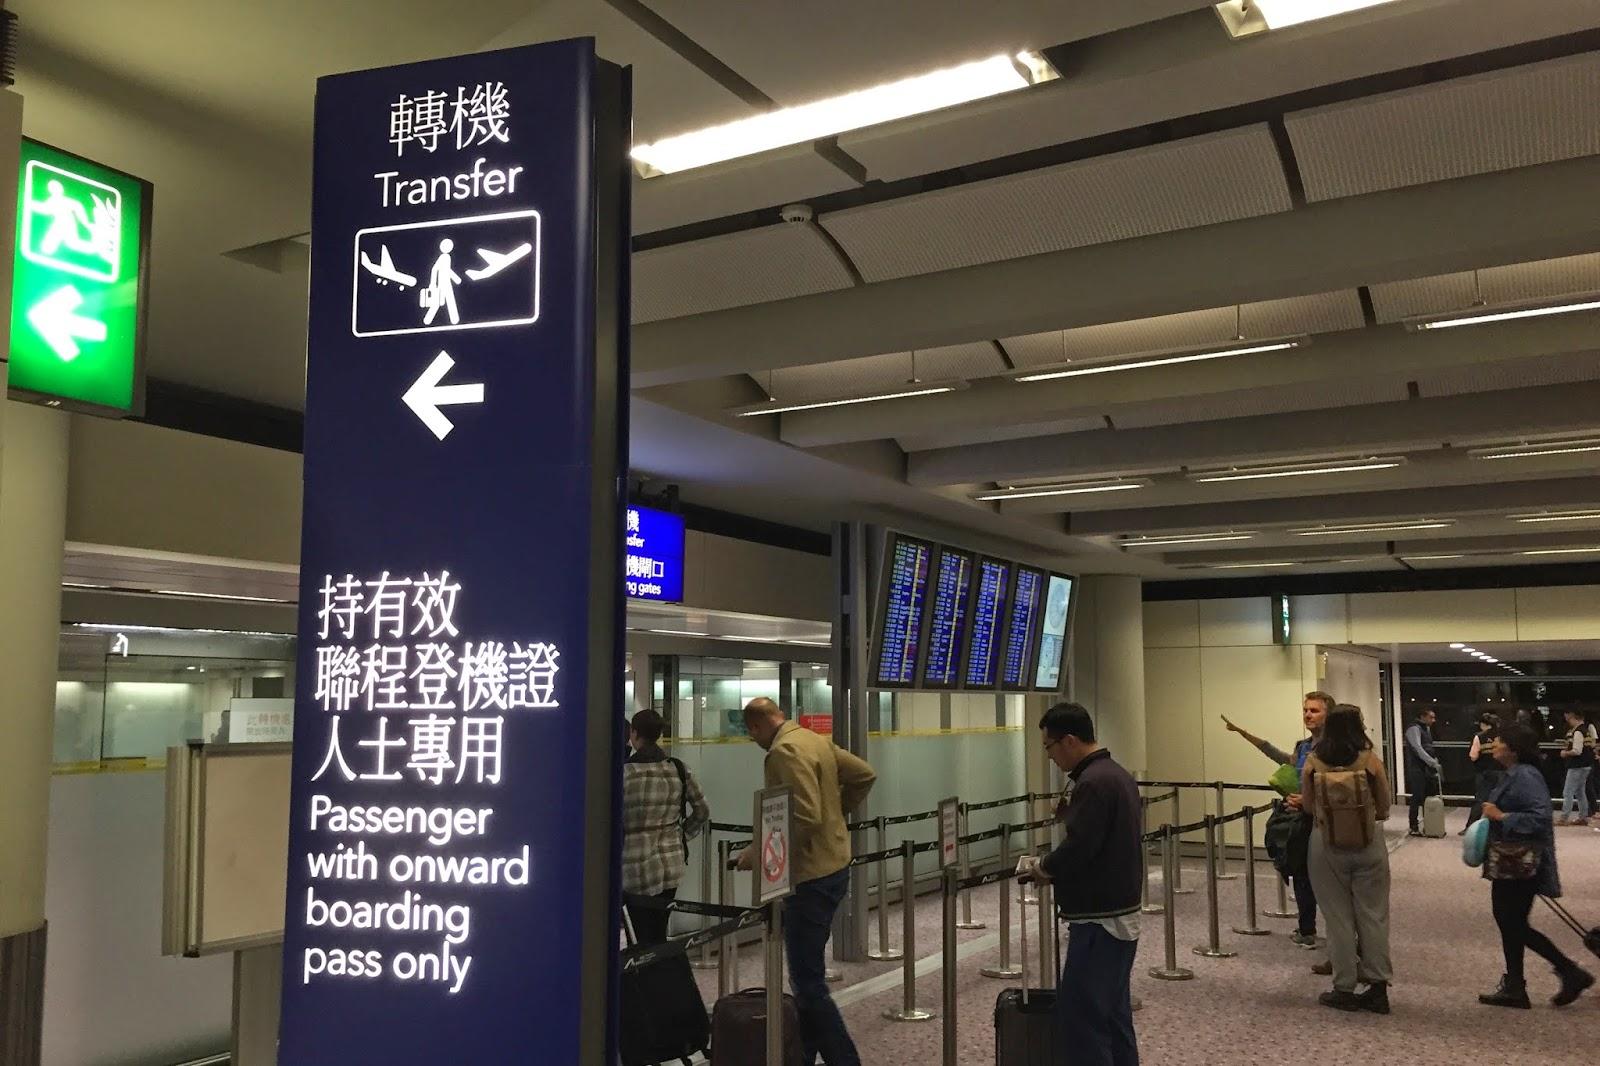 【飛行】超方便 香港機場轉機初體驗